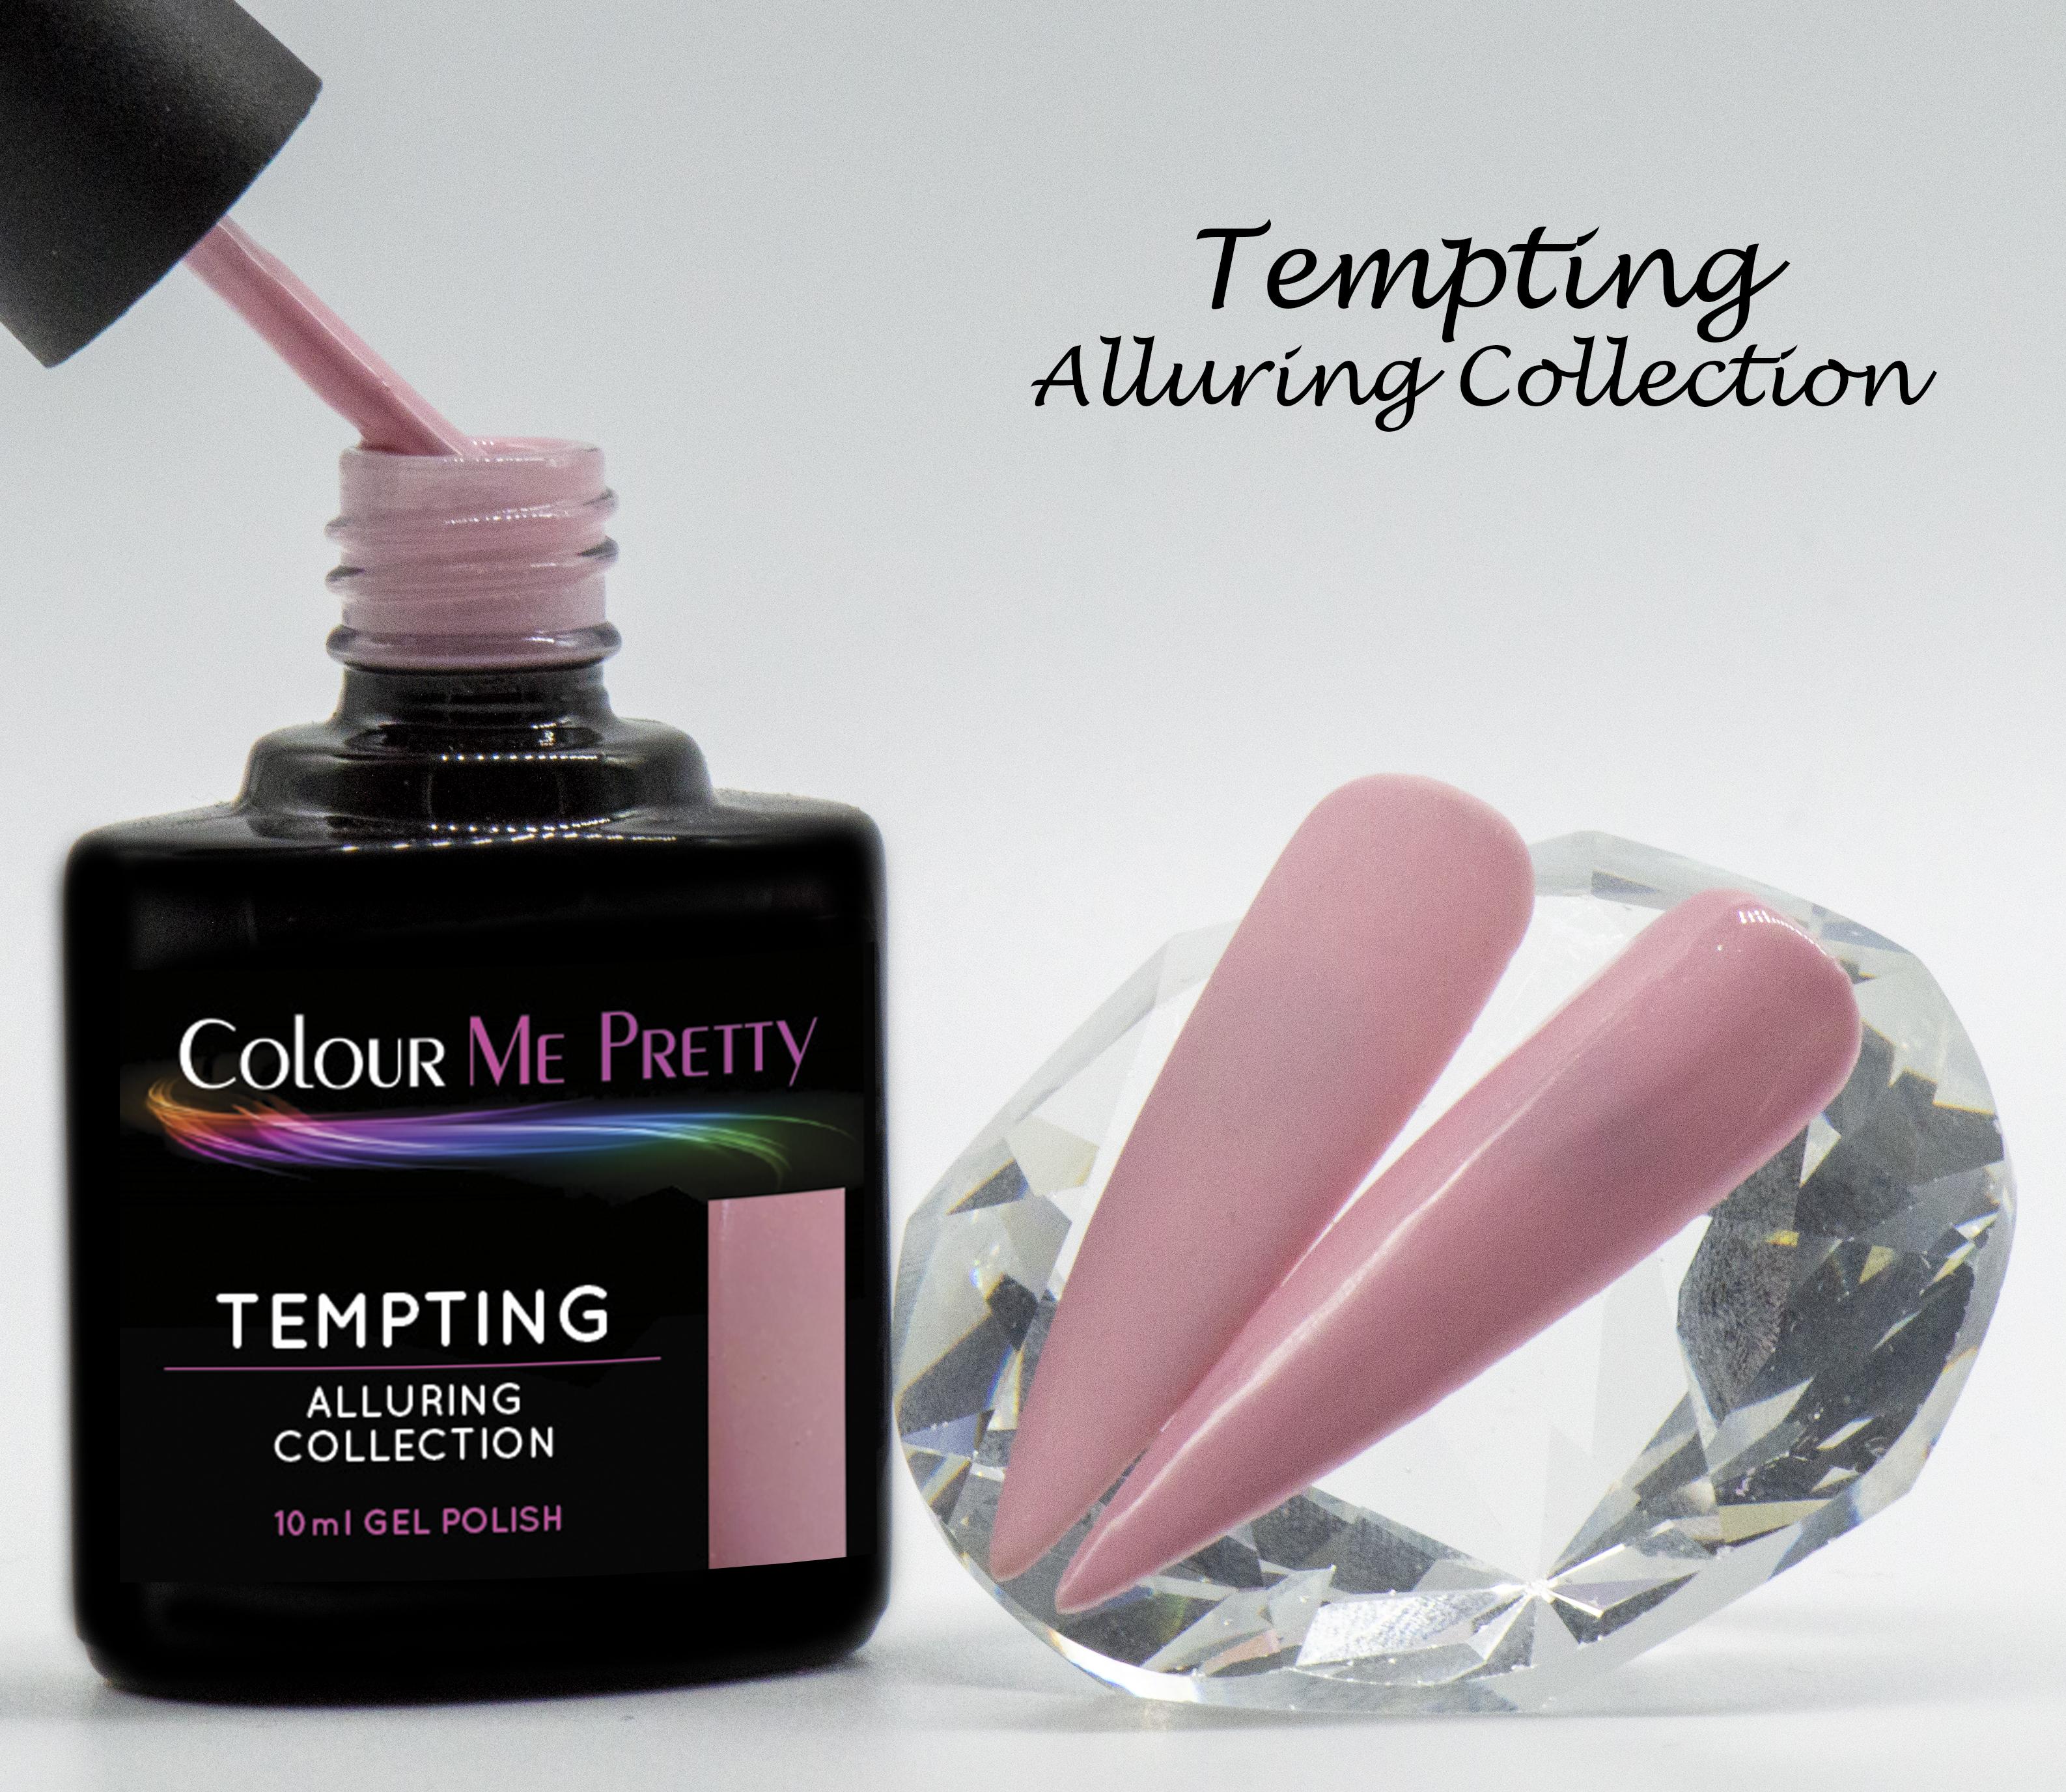 Alluring Tempting